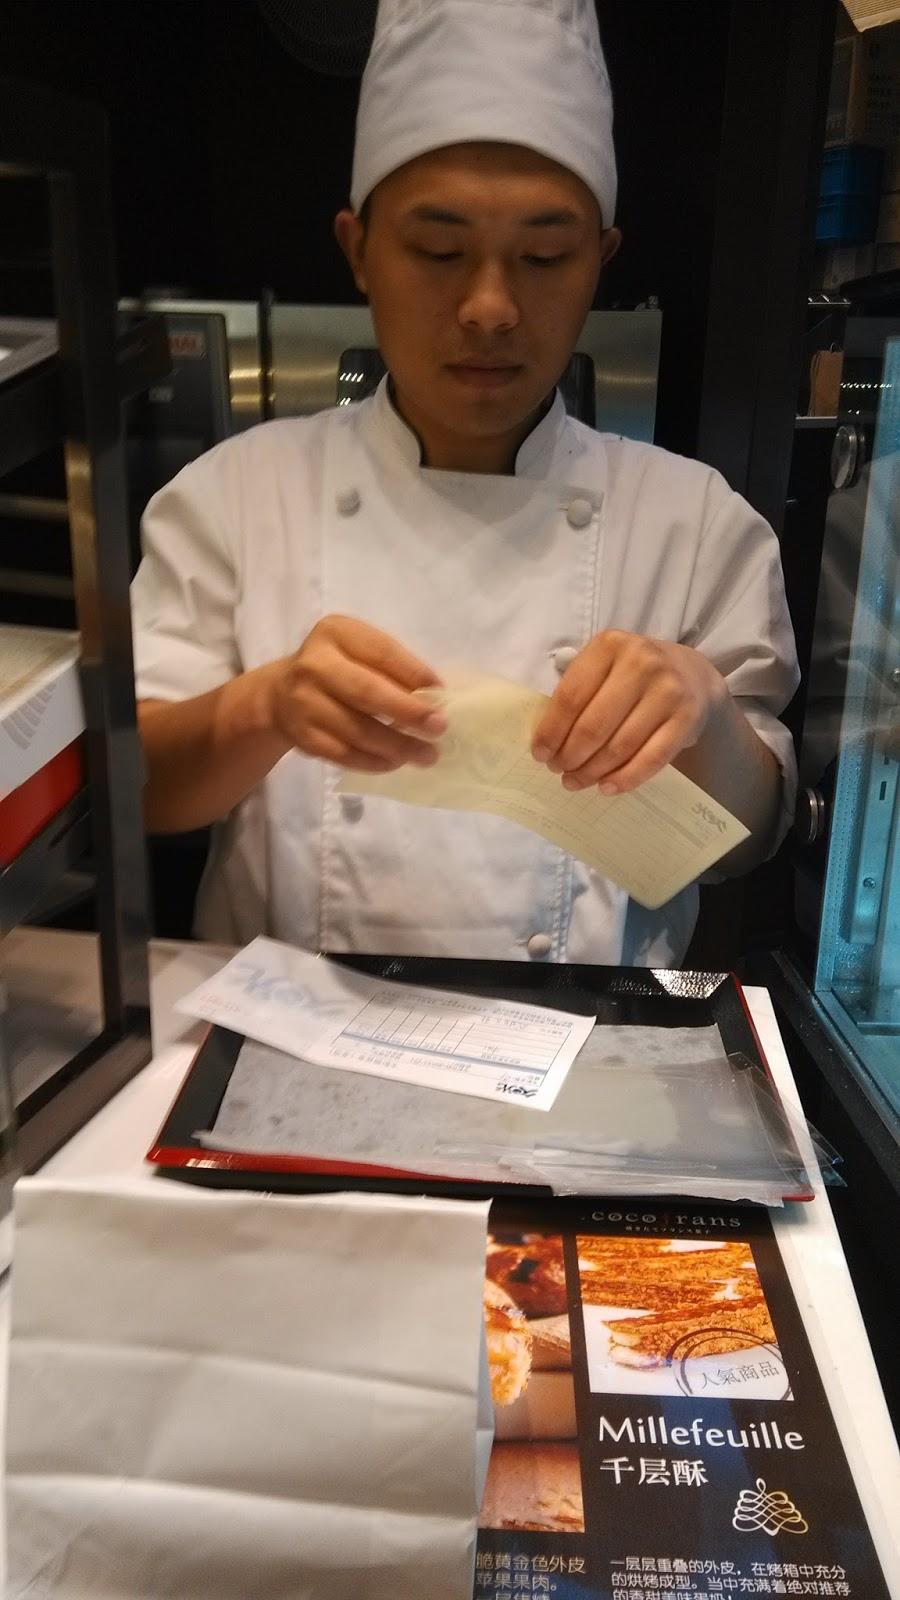 Brandelli di un mondo bizzarro pasticcini e betulle suzhou cina - Specchi per allodole ...